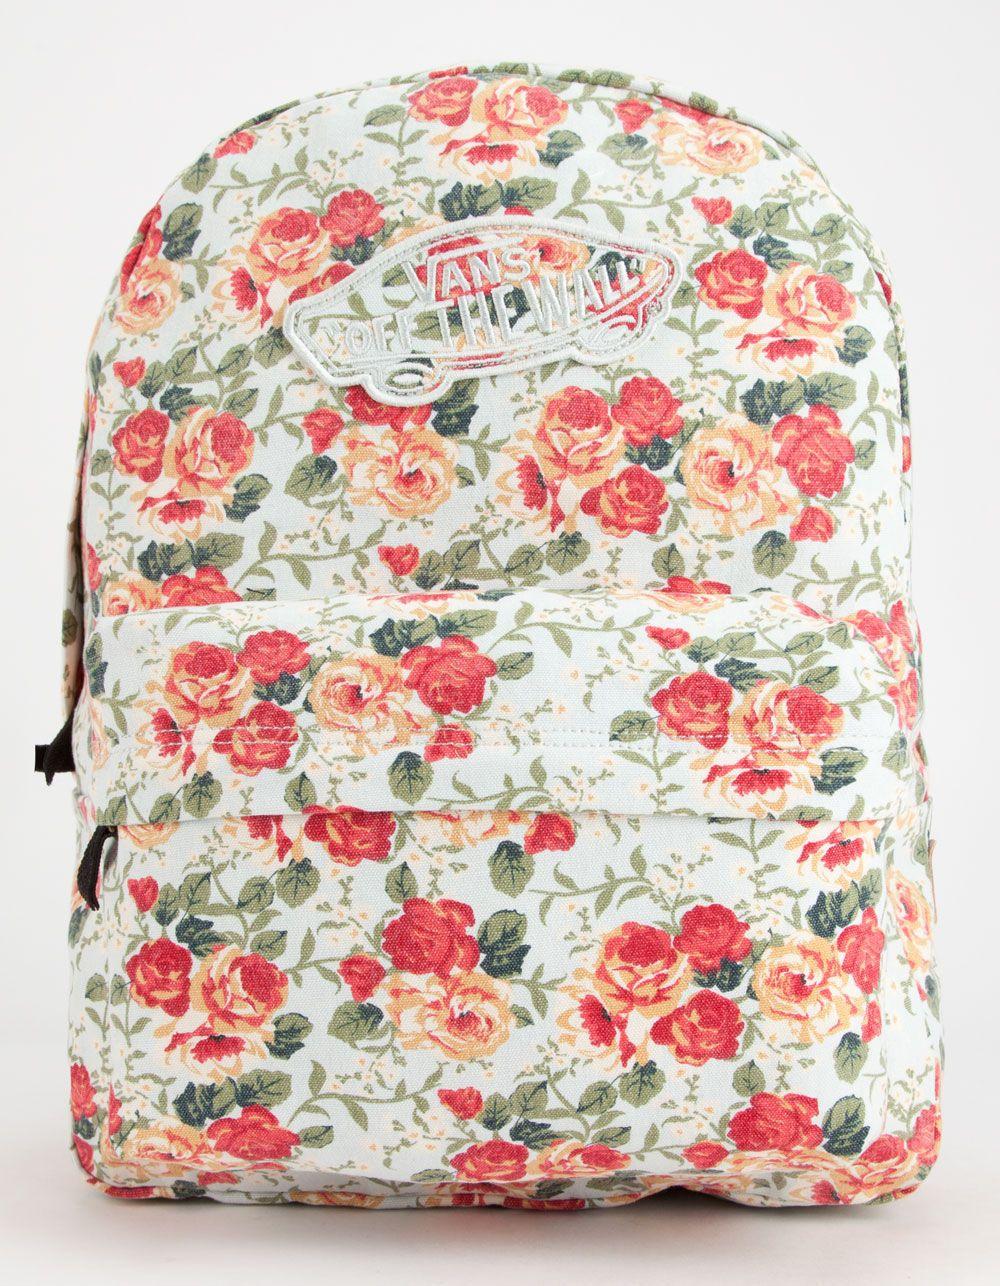 VANS Realm Backpack 259676164  8896b74da4dce